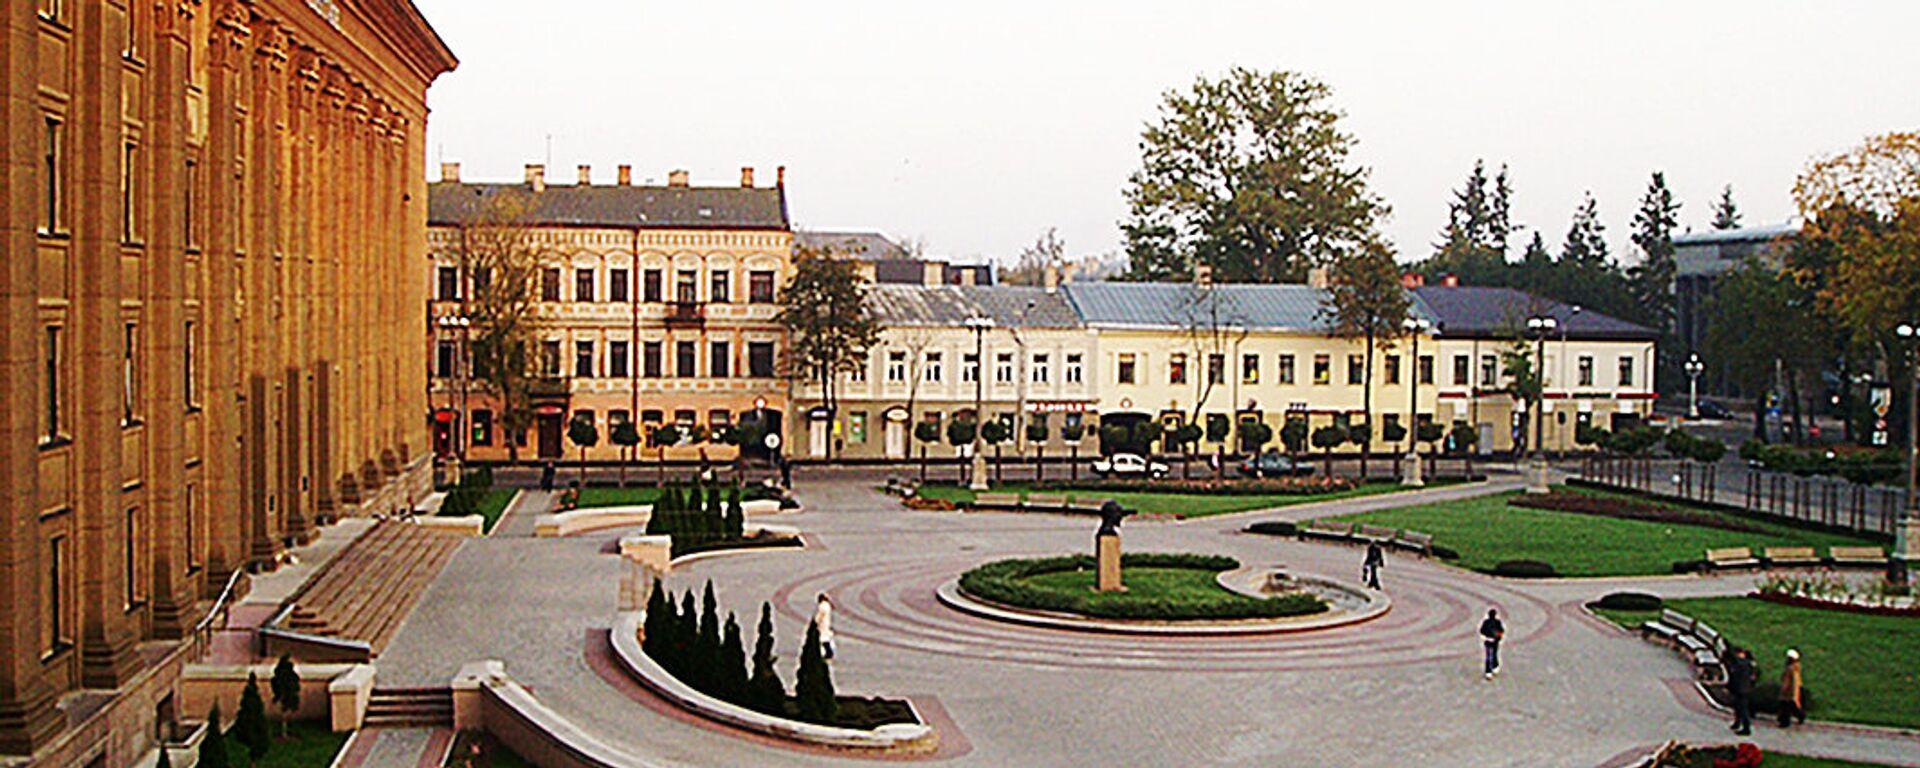 Площадь около старого корпуса Даугавпилсского Университа, архивное фото  - Sputnik Латвия, 1920, 18.03.2021